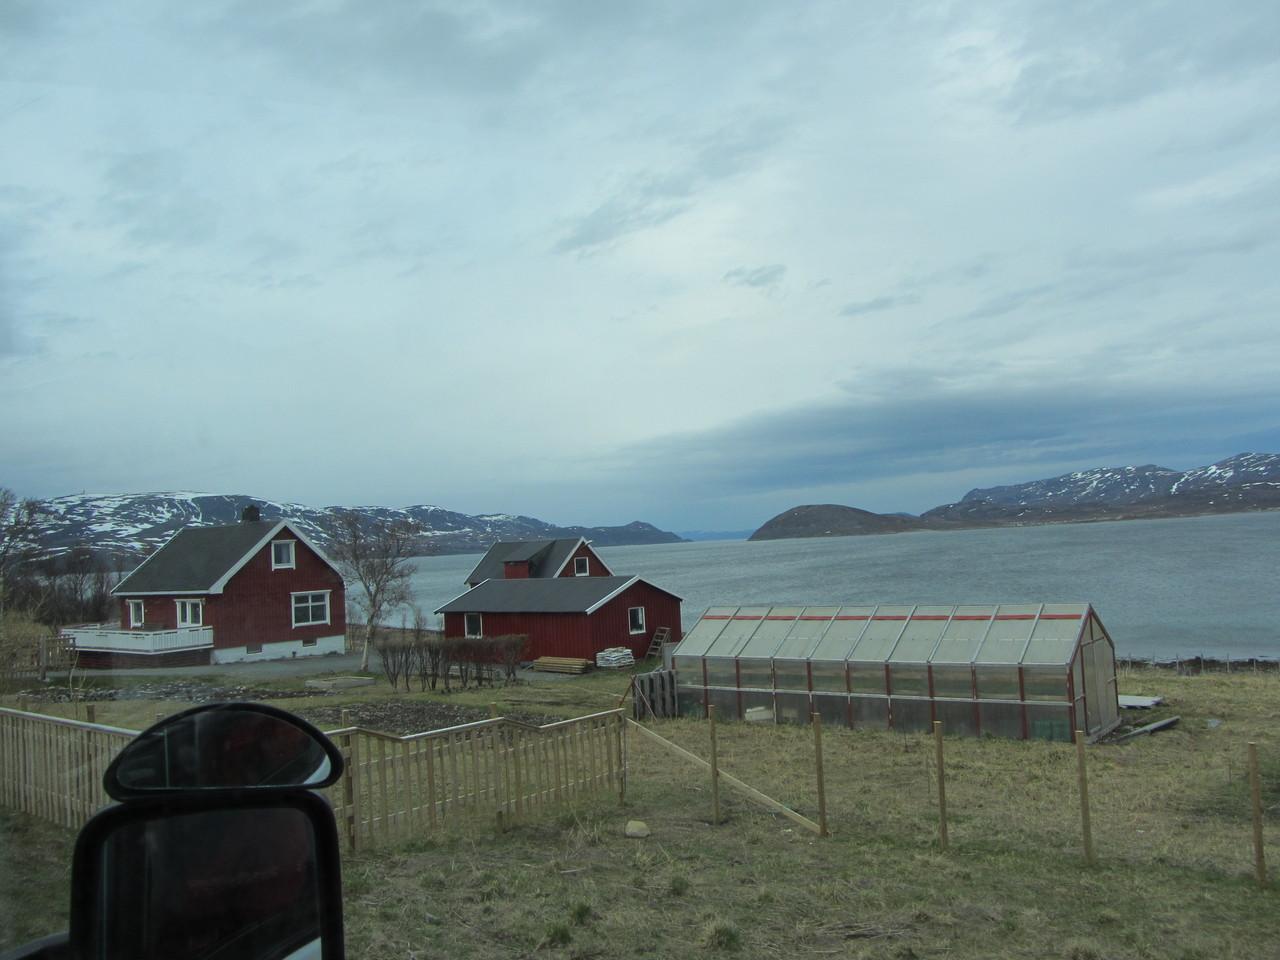 Auf dem Weg nach Hammerfest